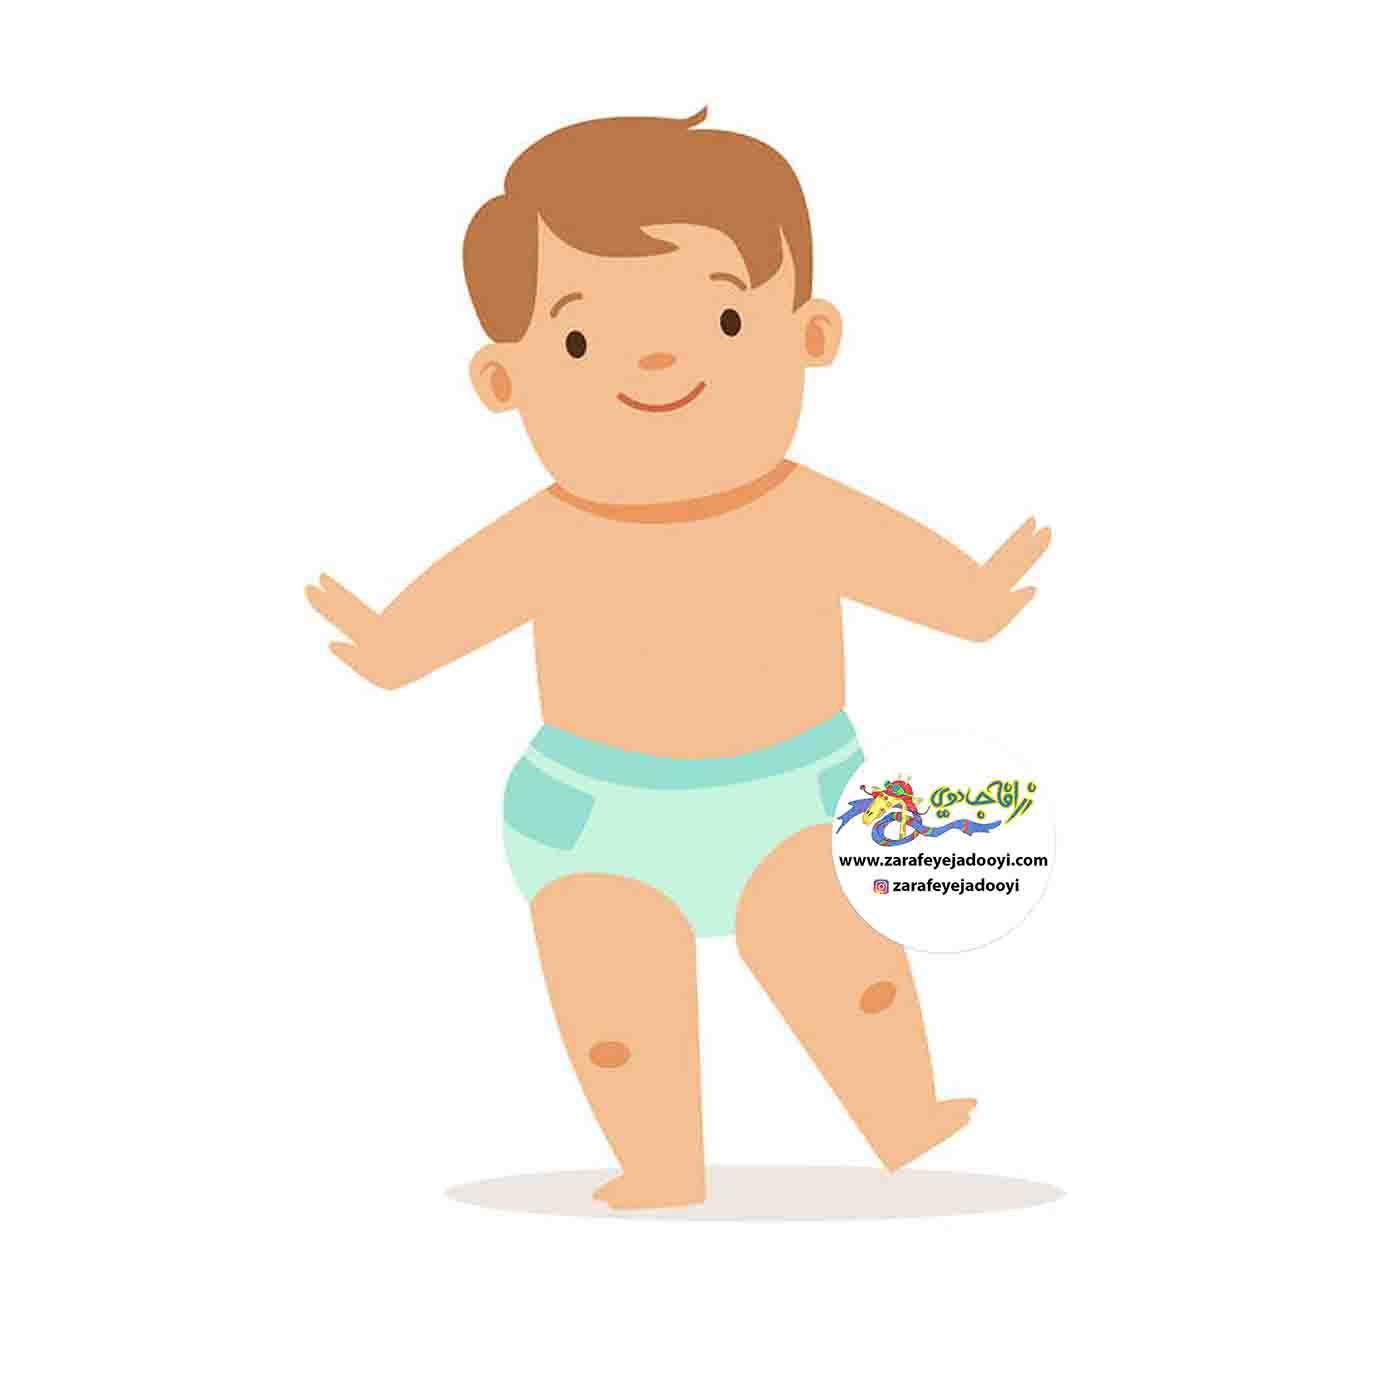 زرافه جادویی - رشد کودک از نه ماهگی تا یک سالگی